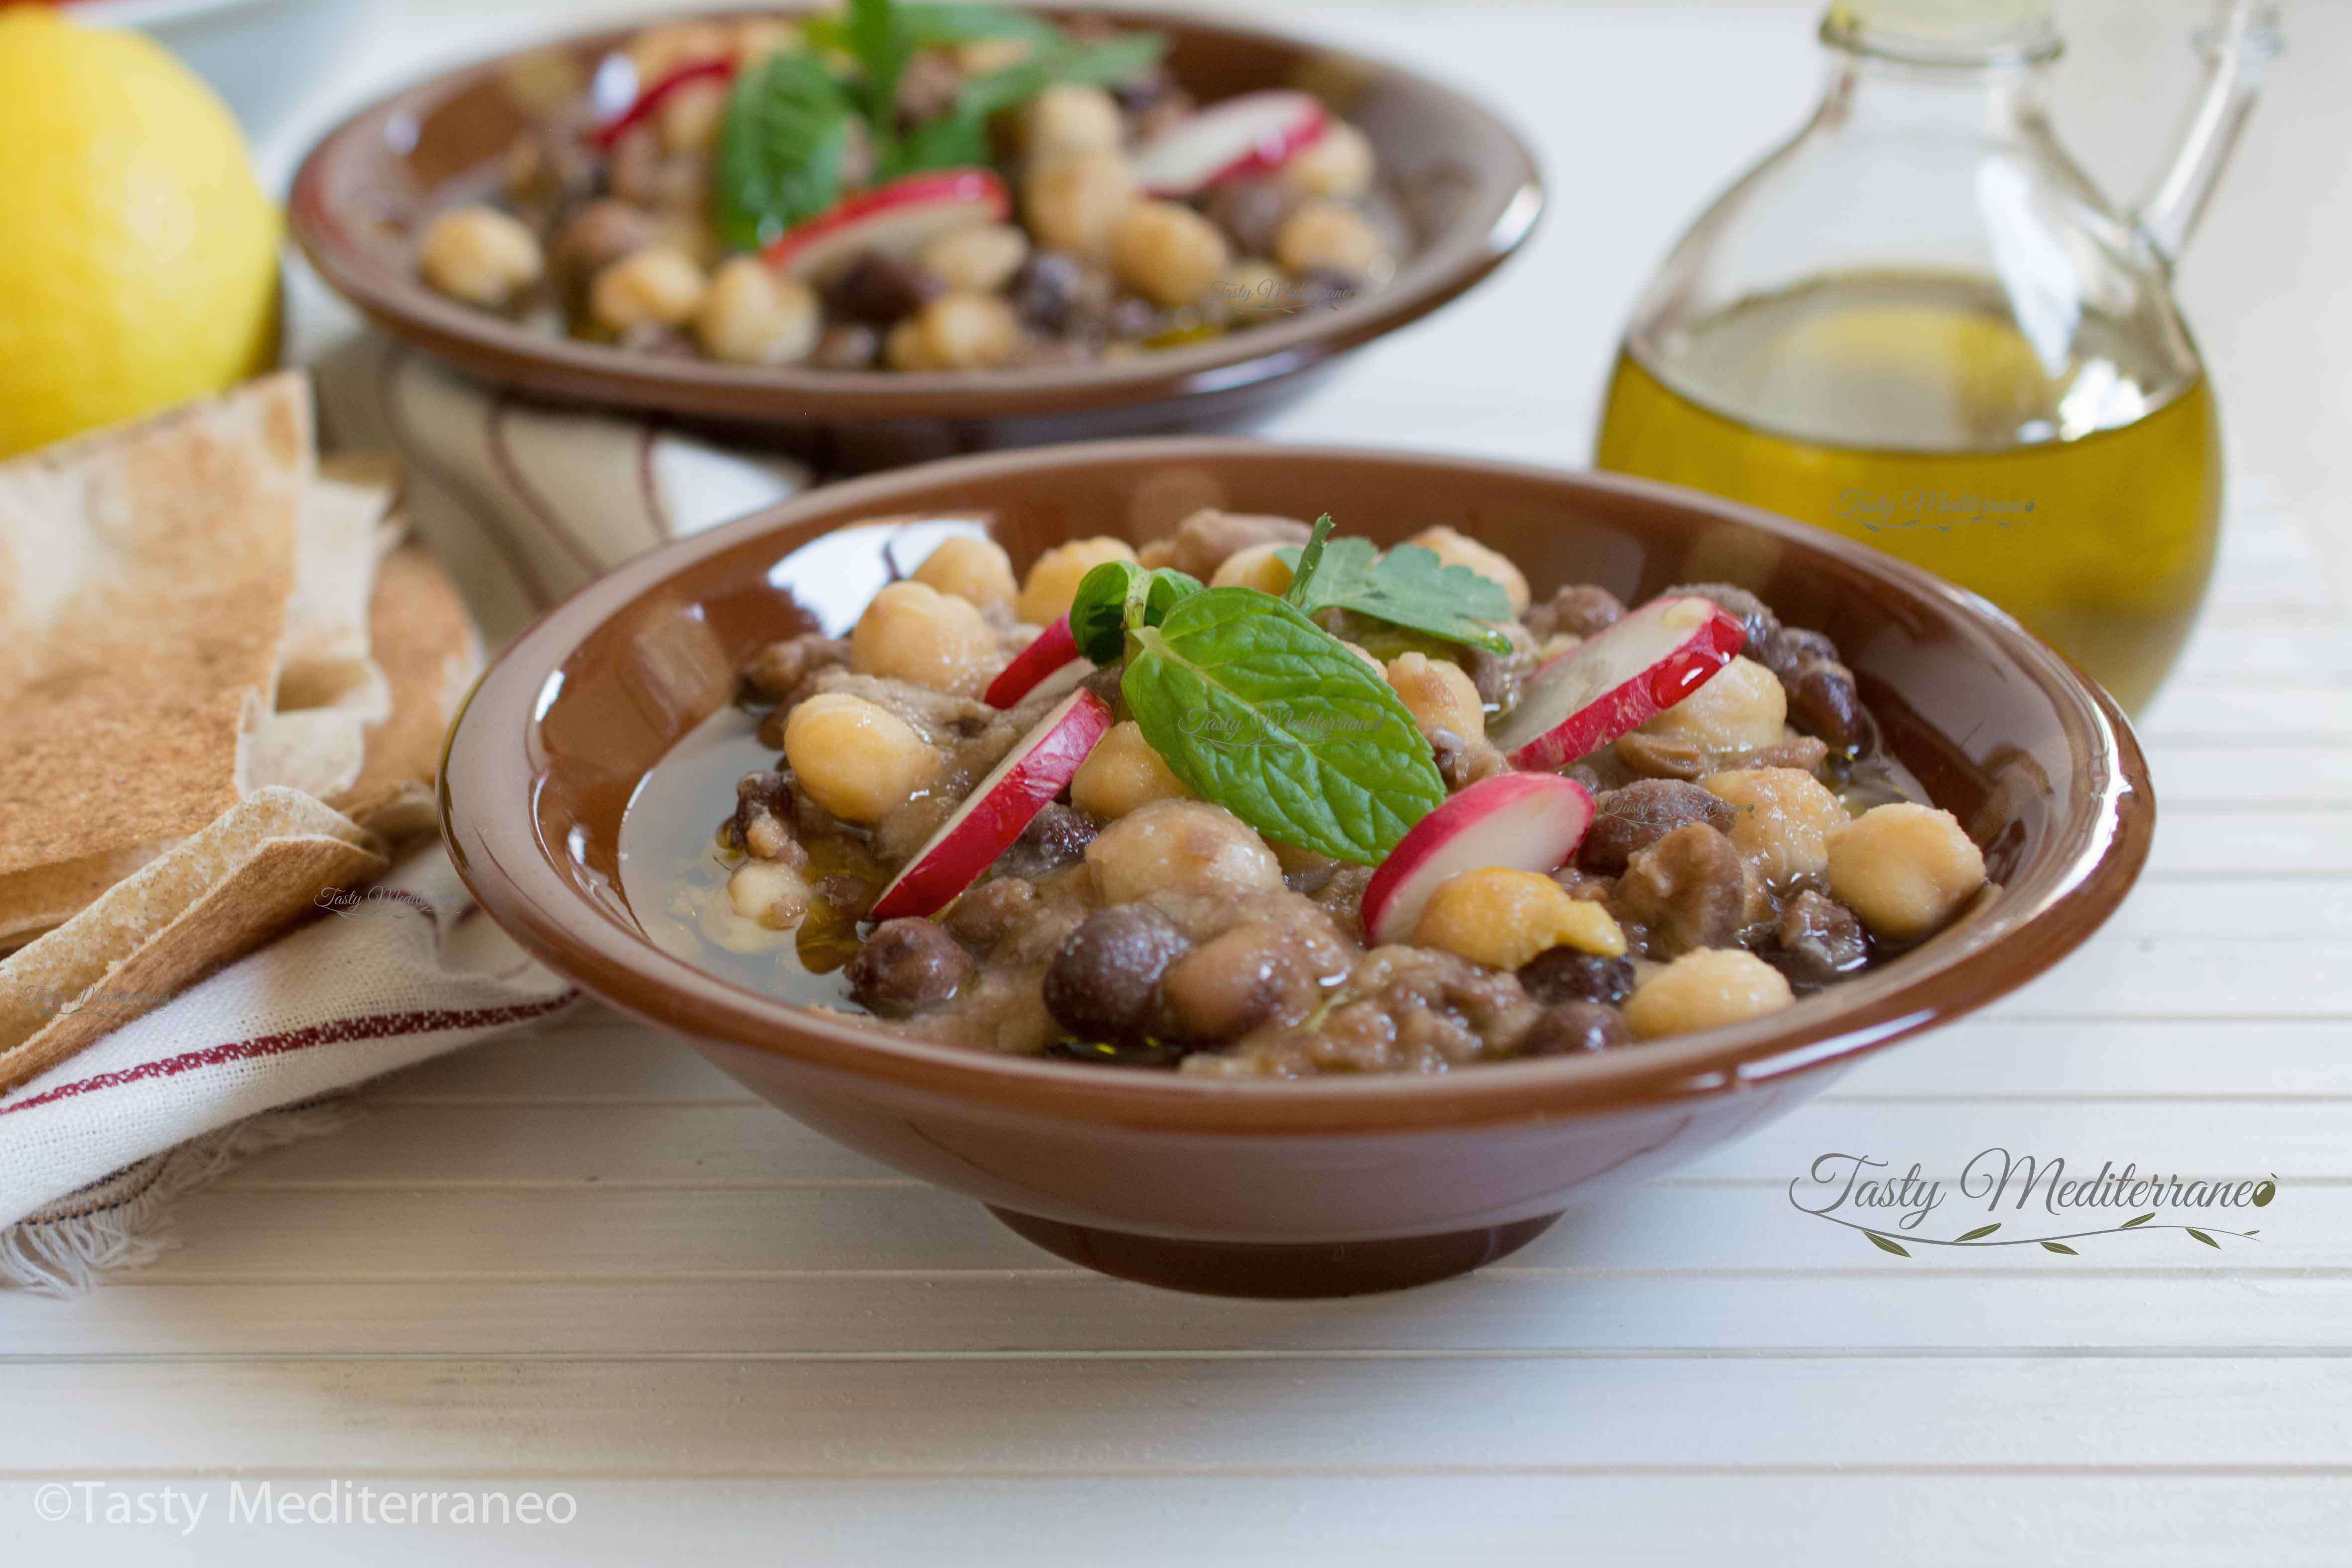 فول مدمس مع الحمص على الطريقة اللبنانية Tasty Mediterraneo